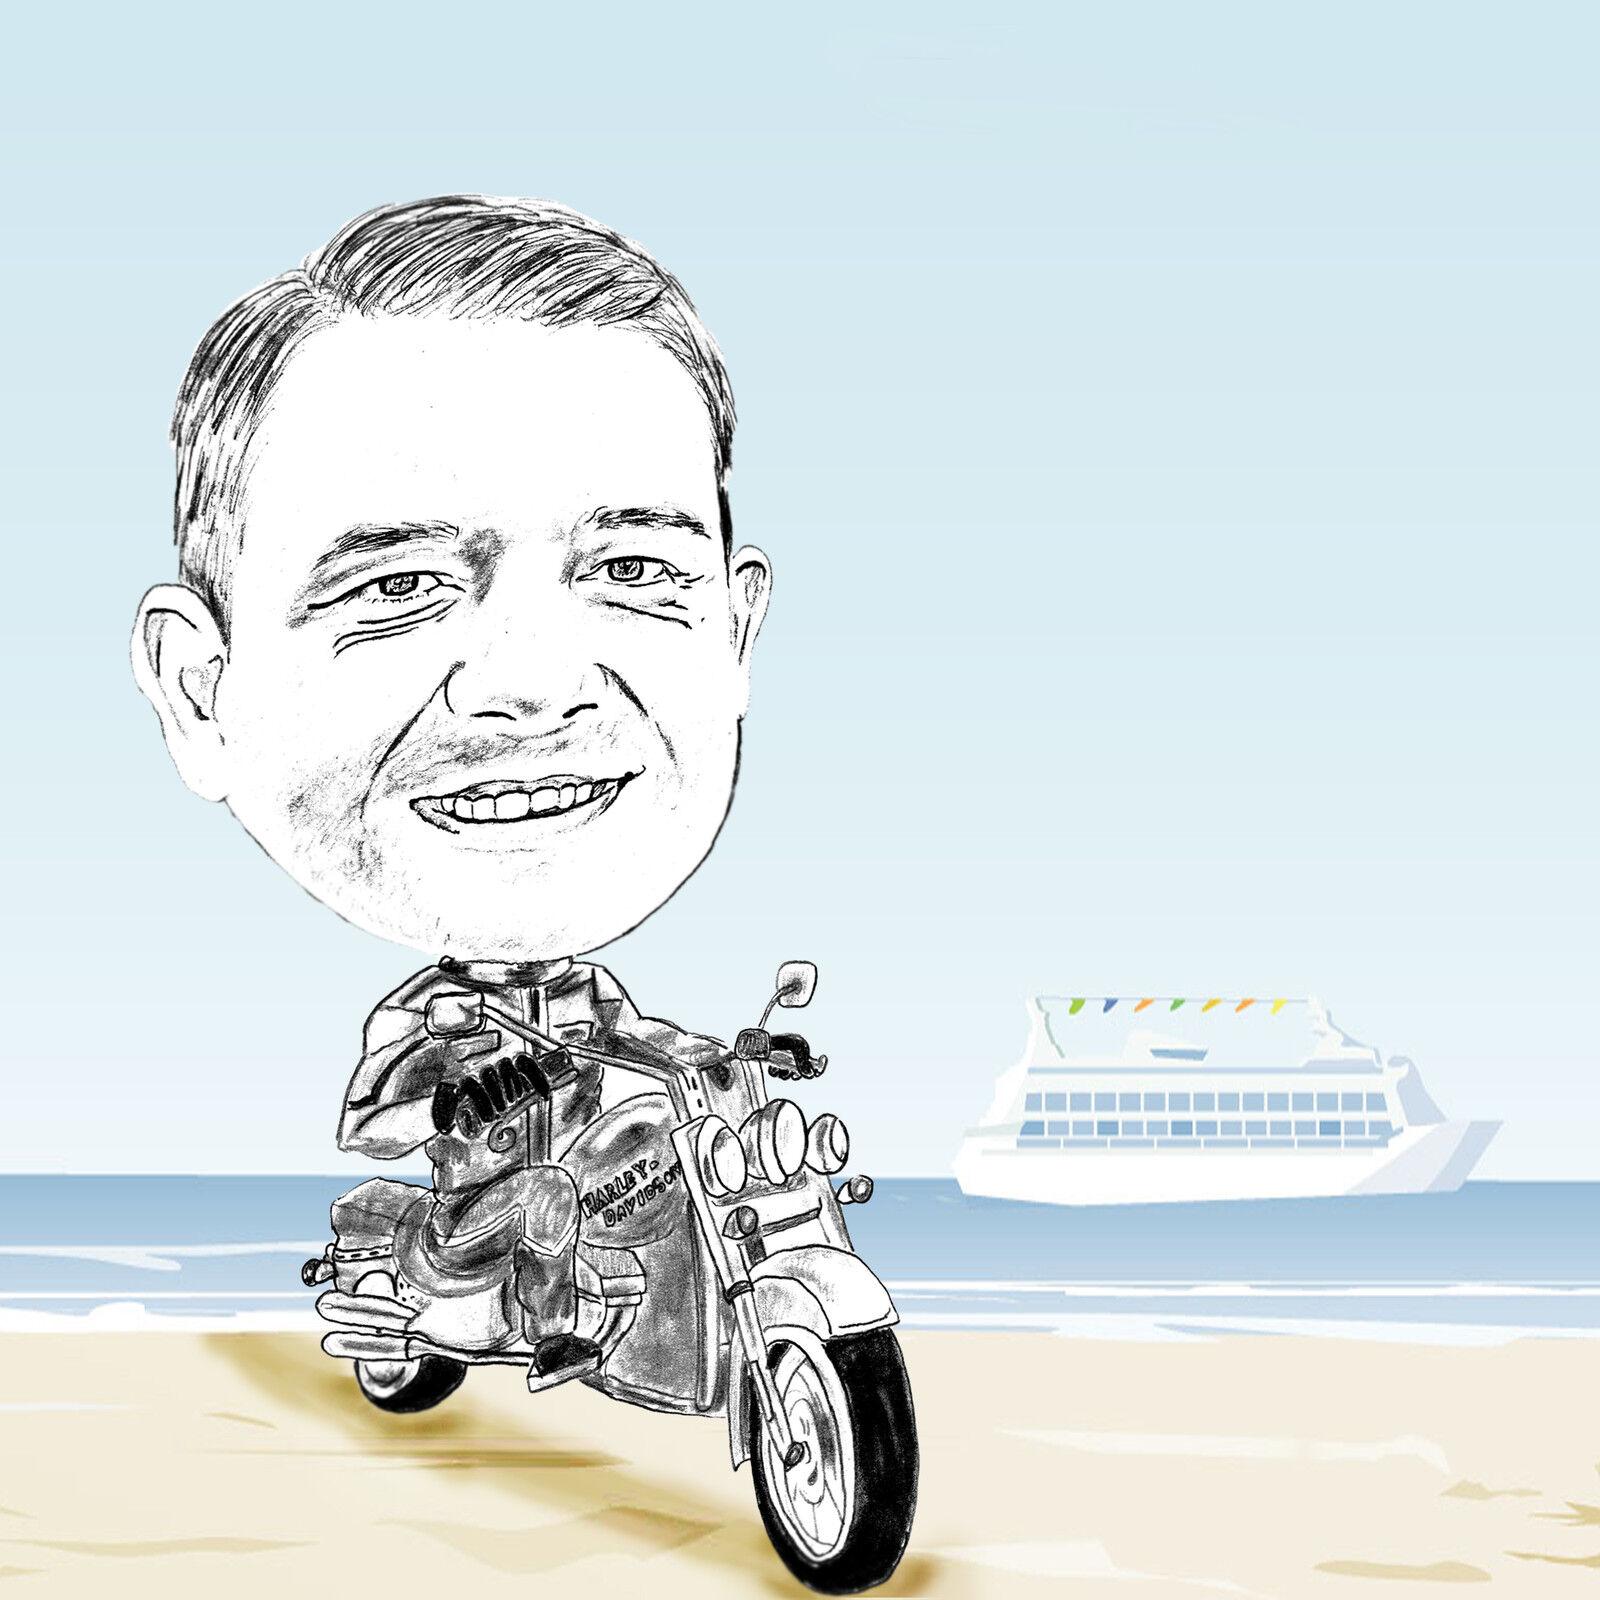 idée cadeau  CARICATURE-portrait moto Harley Davidson Hobby motif